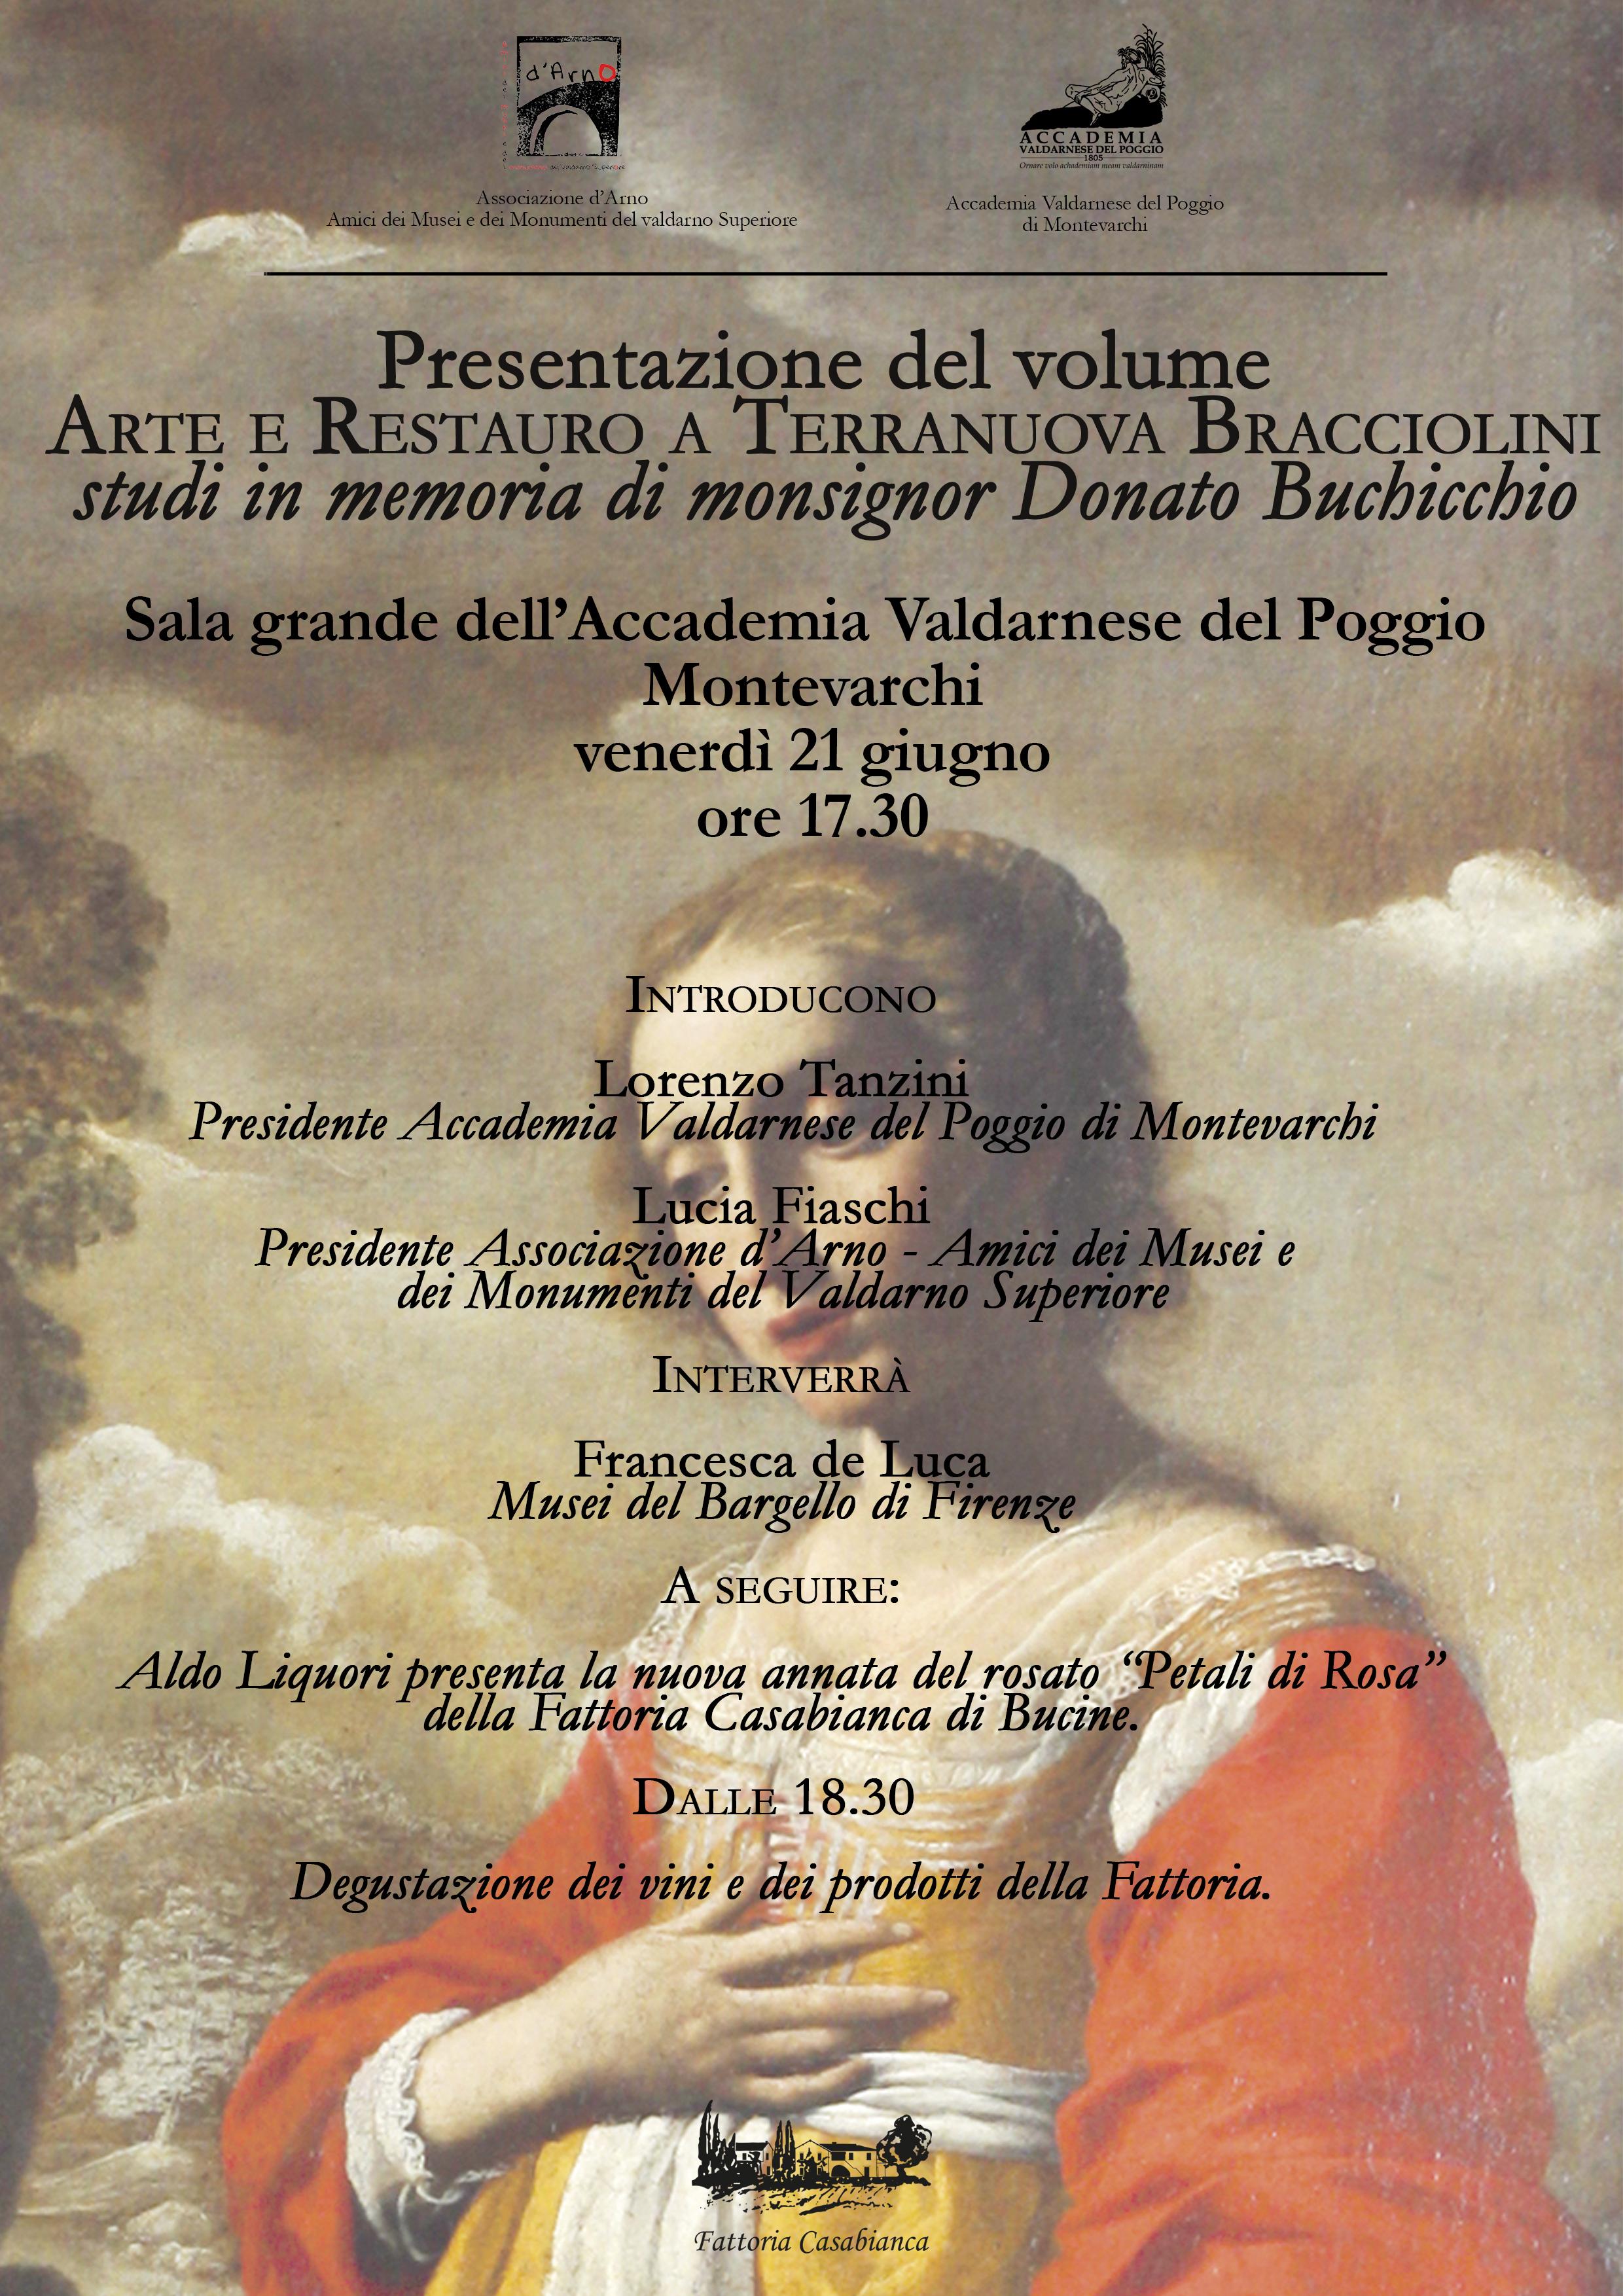 Studi in memoria di monsignor Donato Buchicchio